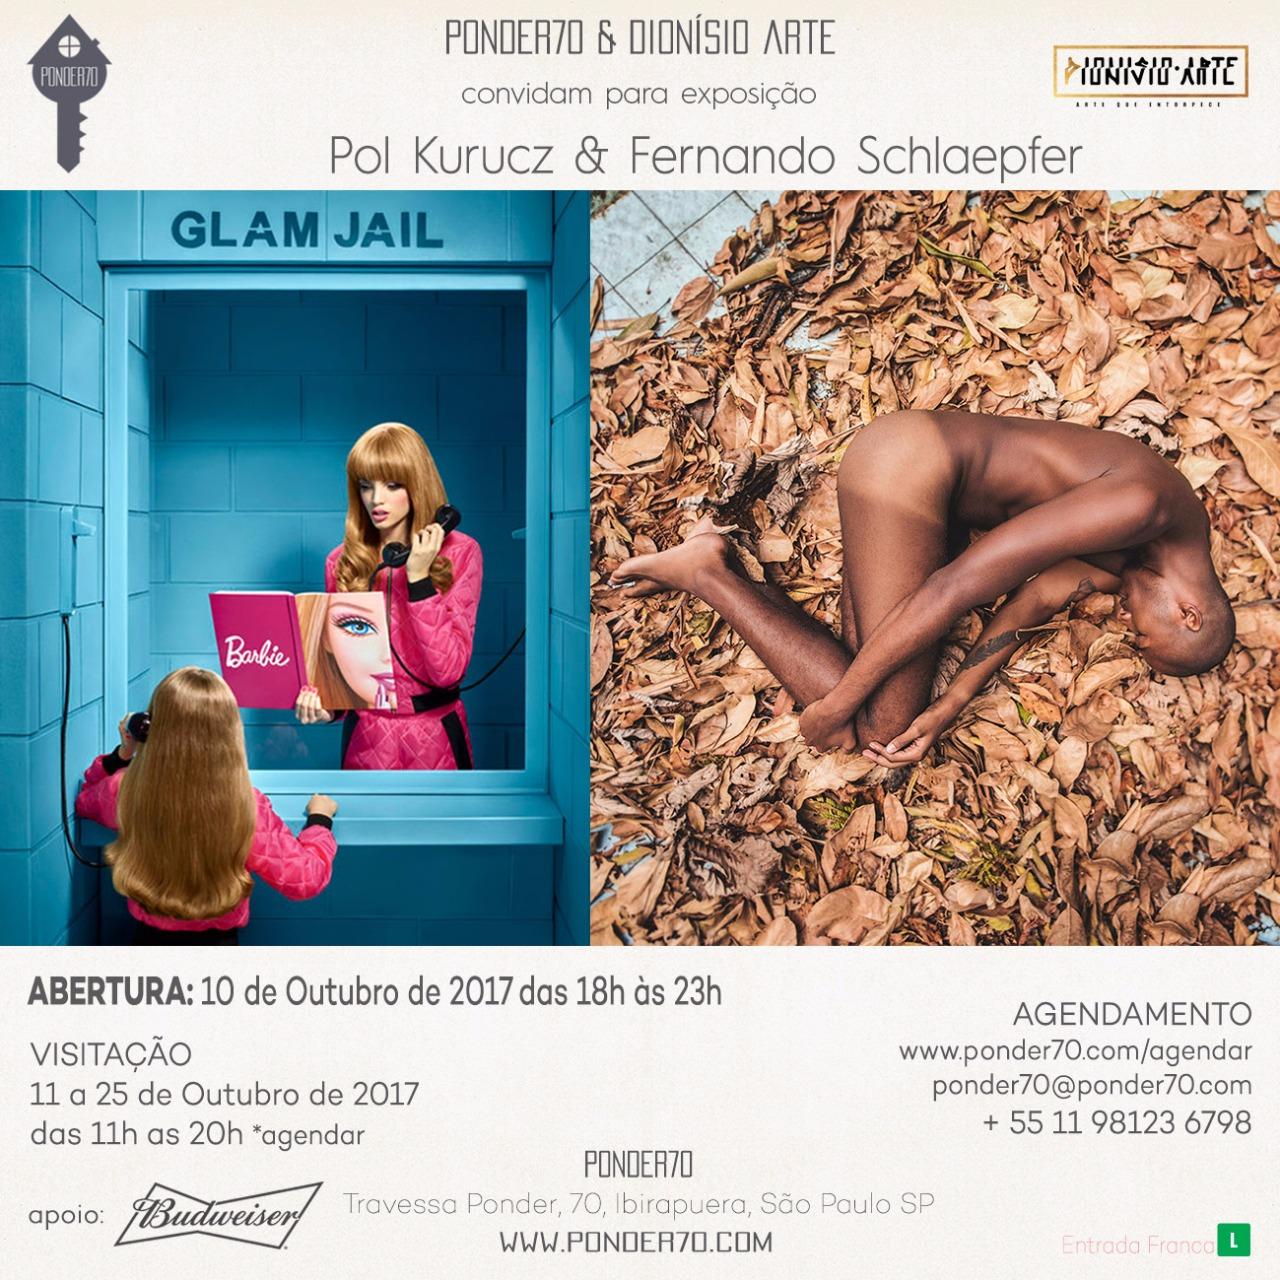 exposição-pol-kurucz-fernando-schlaepfer-ponder70-dionisio-arte